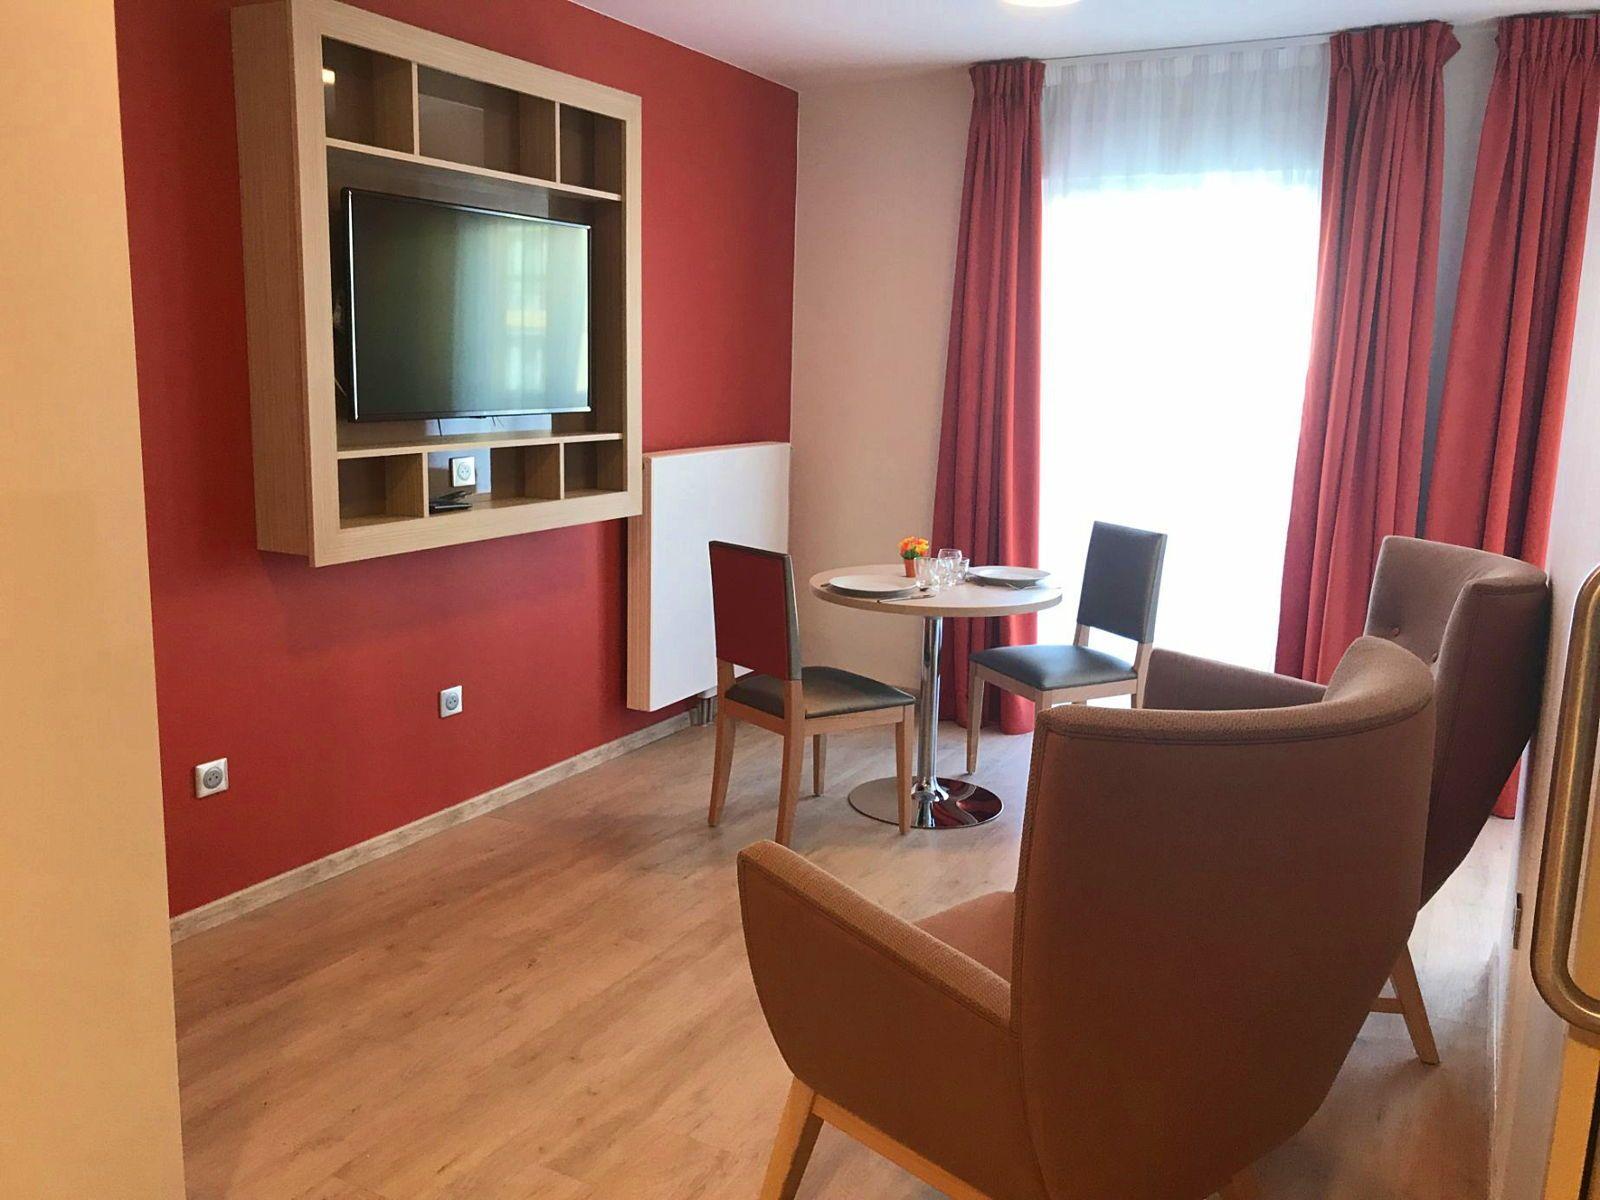 Loue appartement T242,72m² dans Résidence Senior, Croix de Chavaux - Montreuil (93)